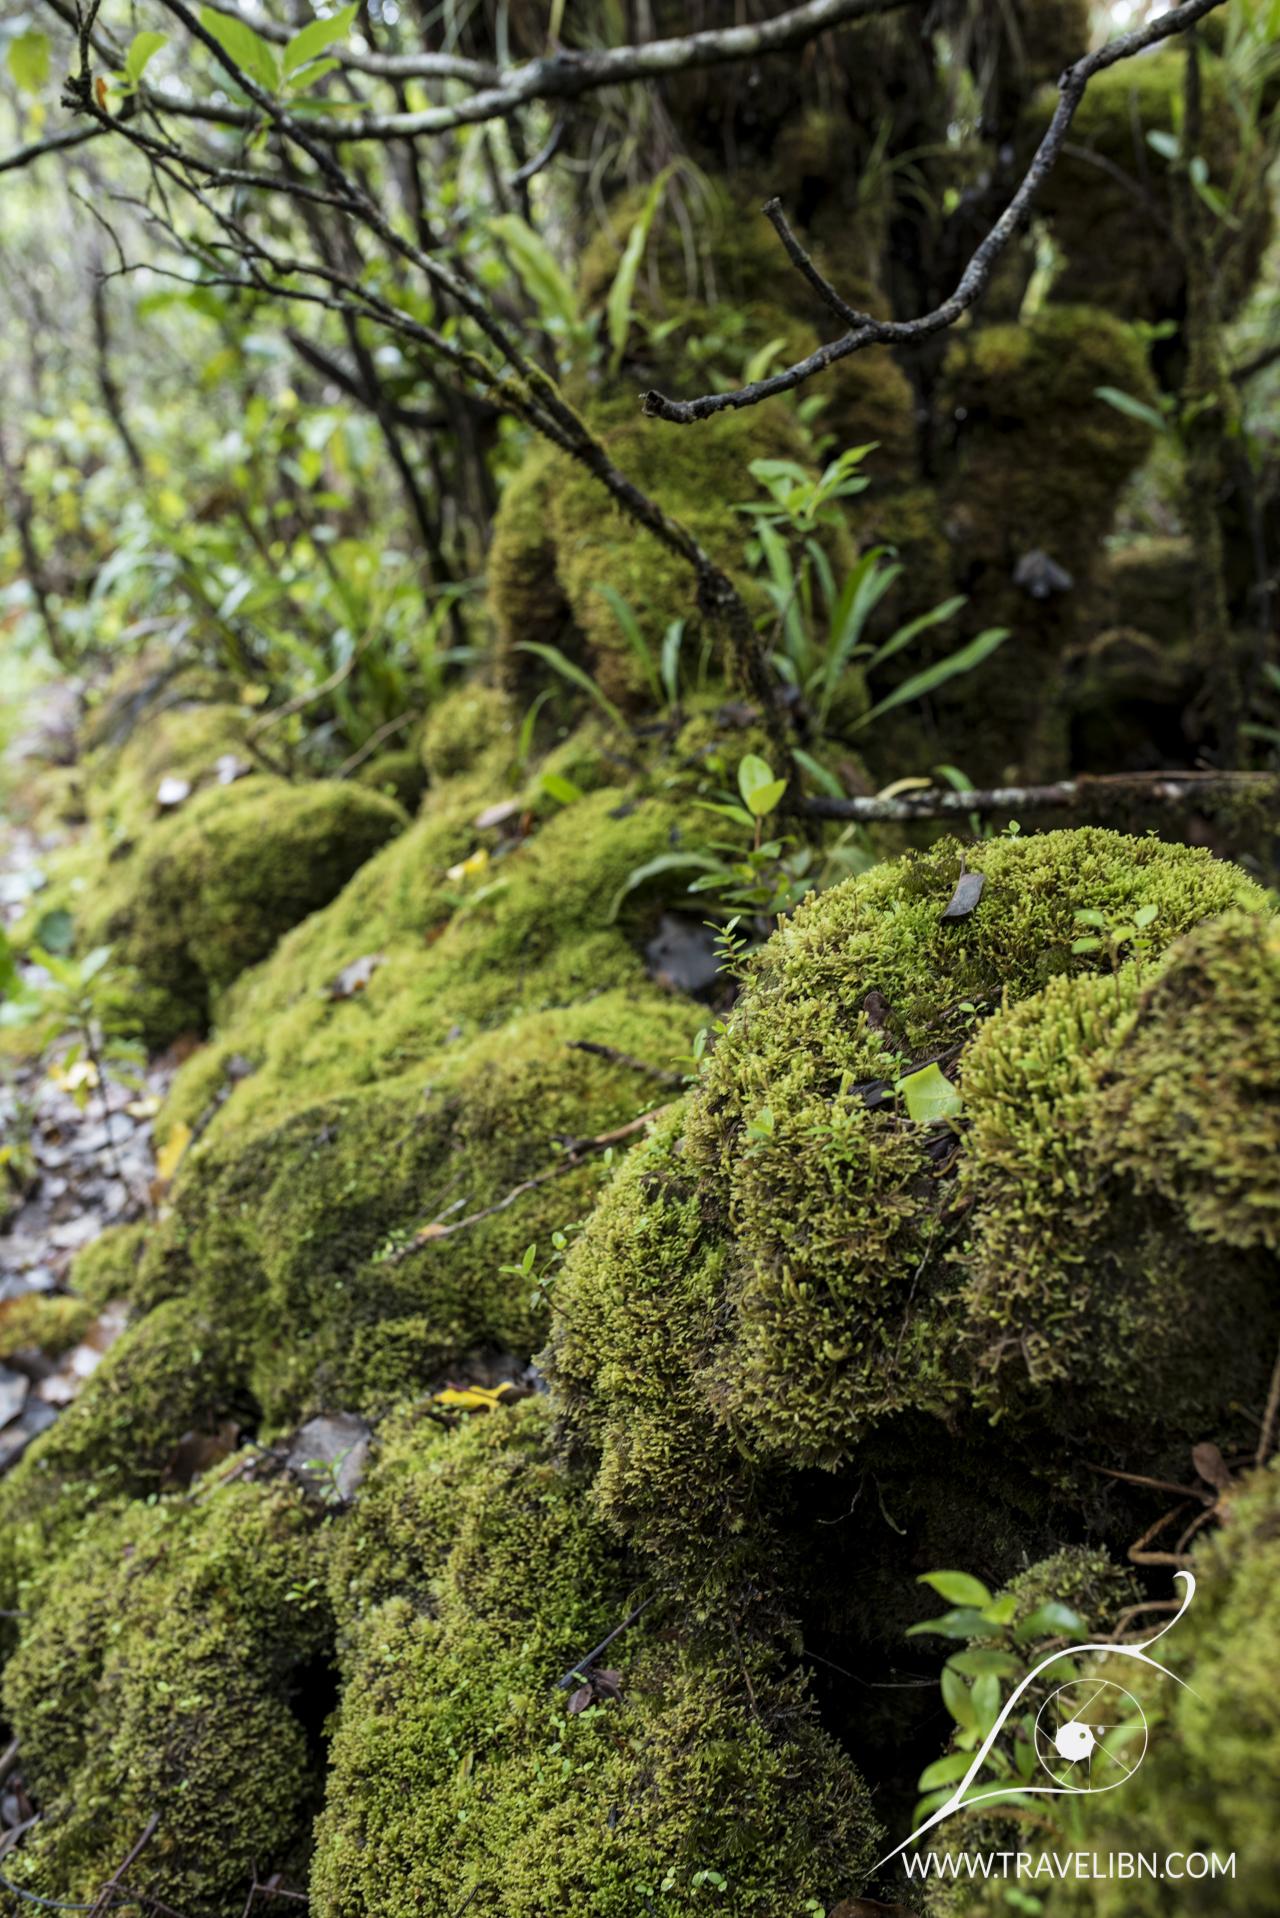 Mosses in Alakai Swamp